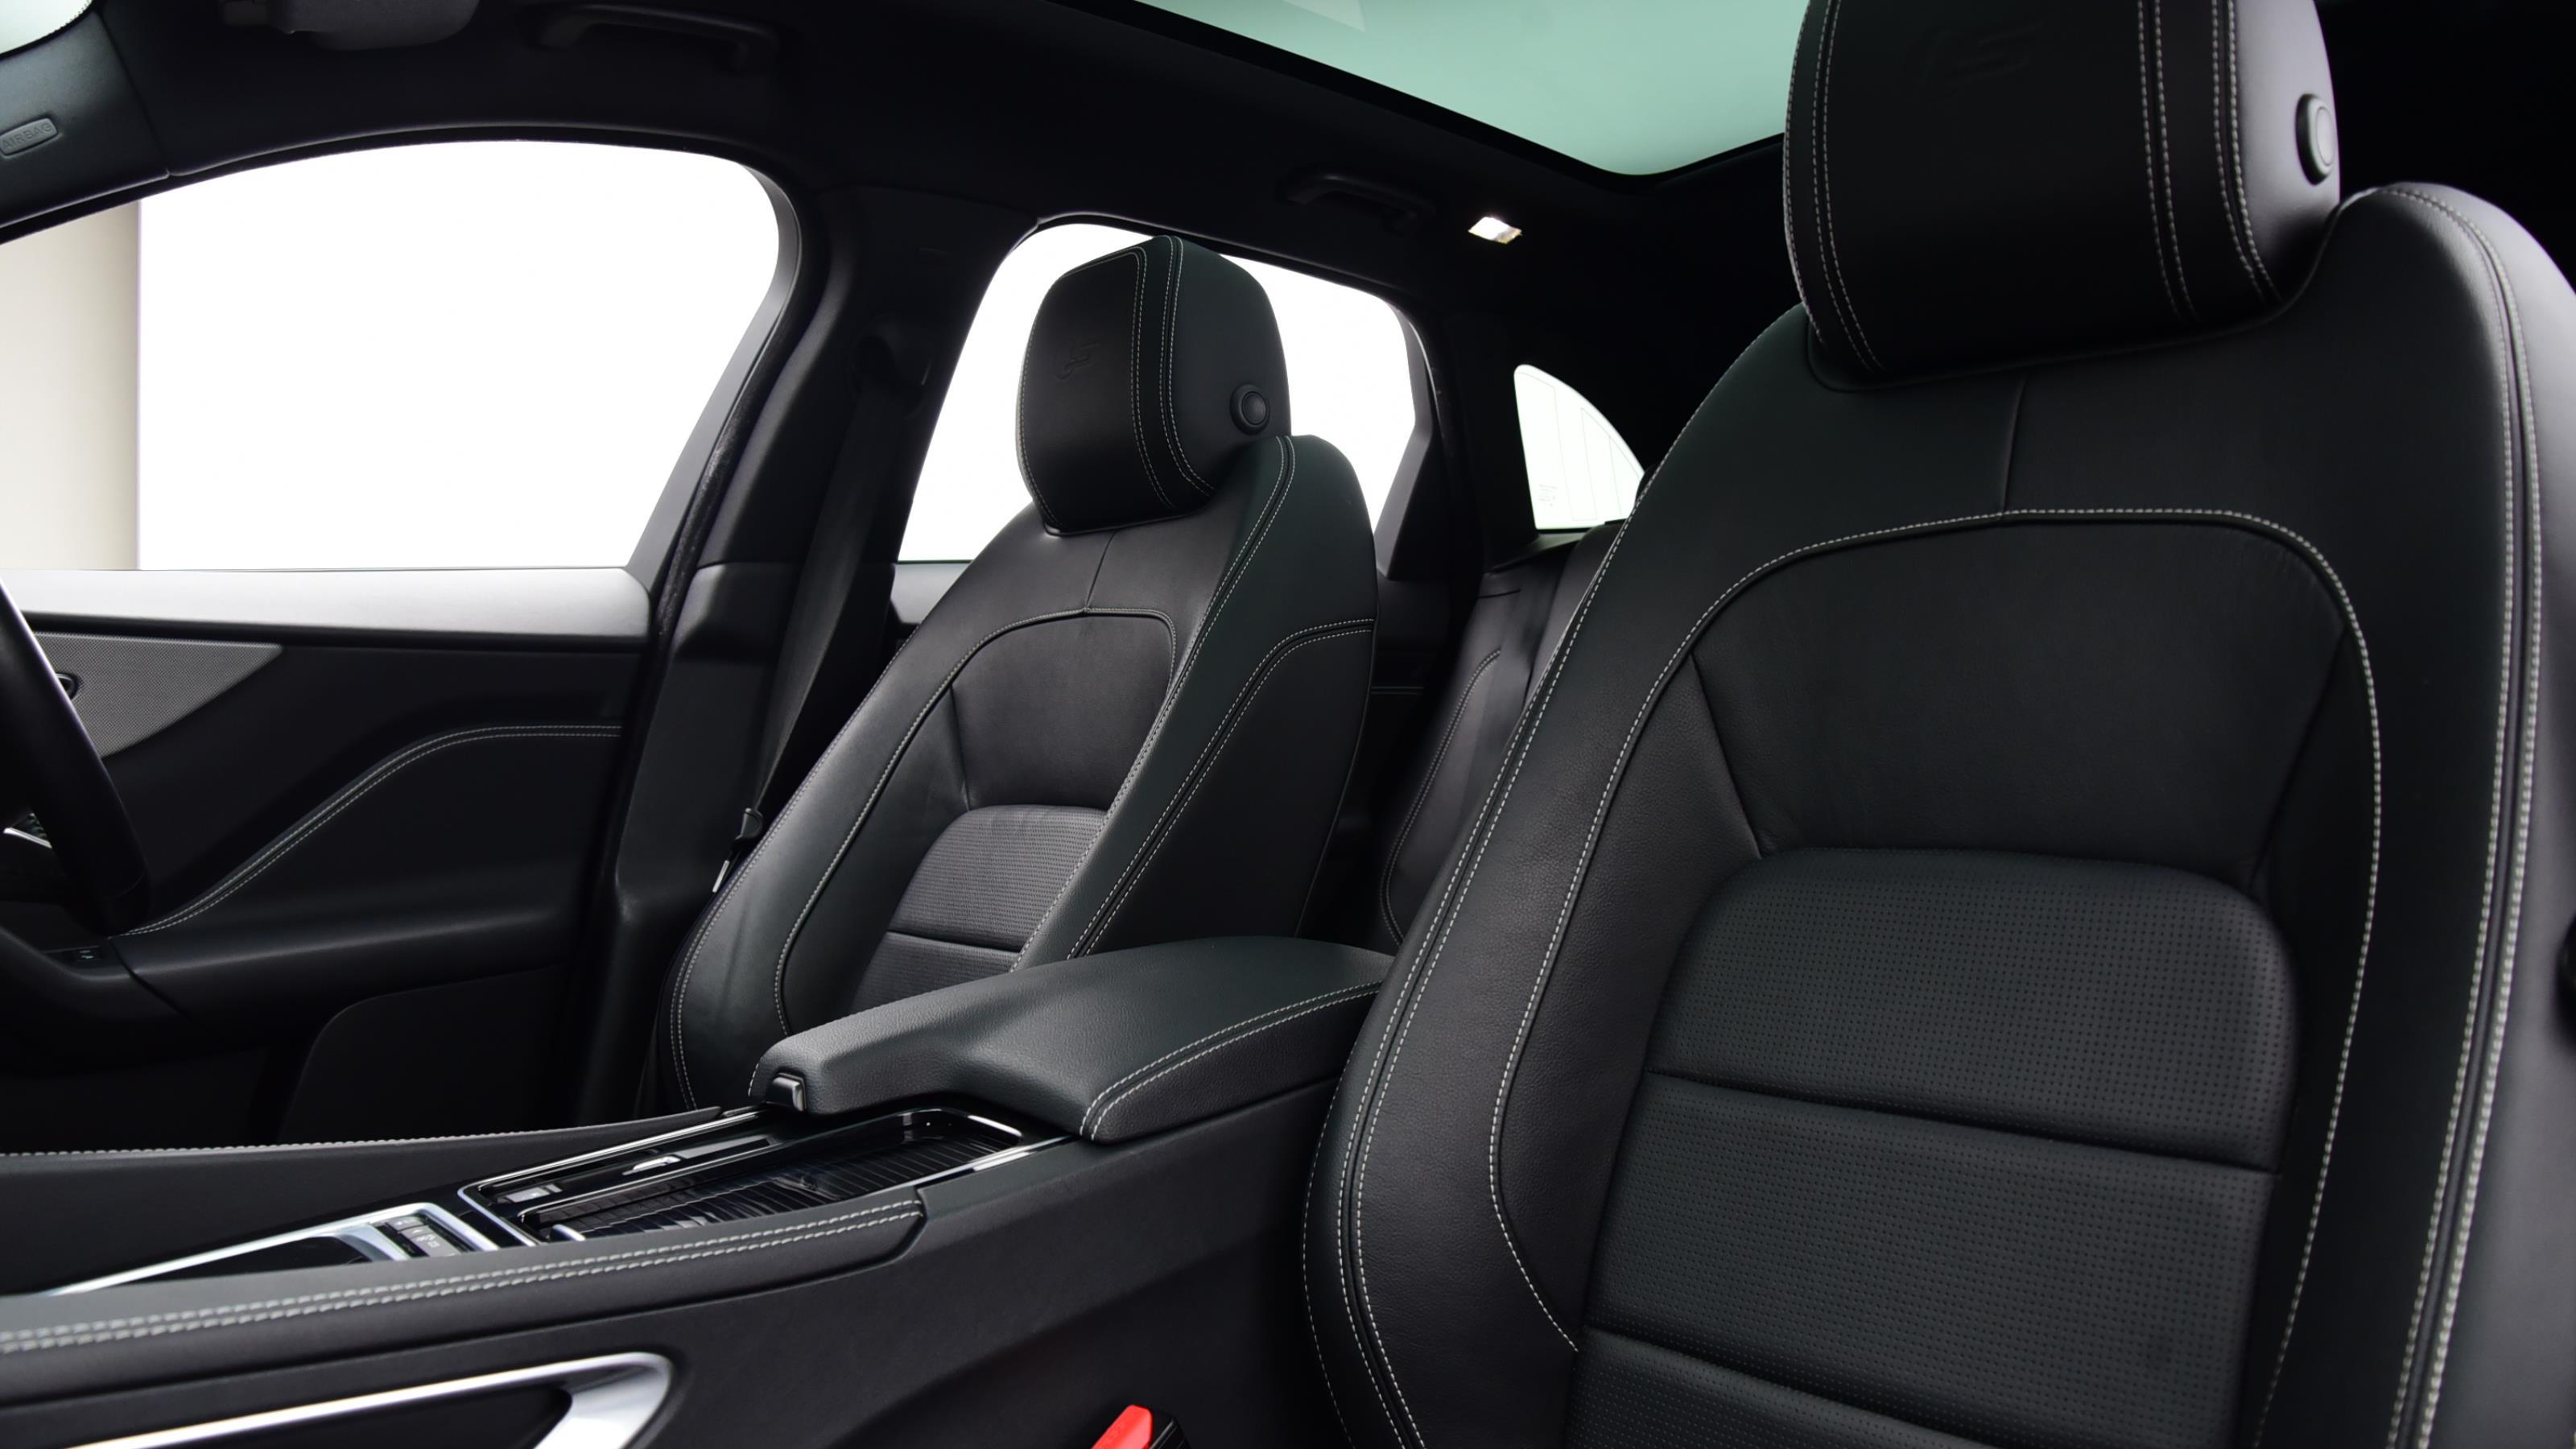 Used 2016 Jaguar F-PACE 3.0d V6 S 5dr Auto AWD BLACK at Saxton4x4